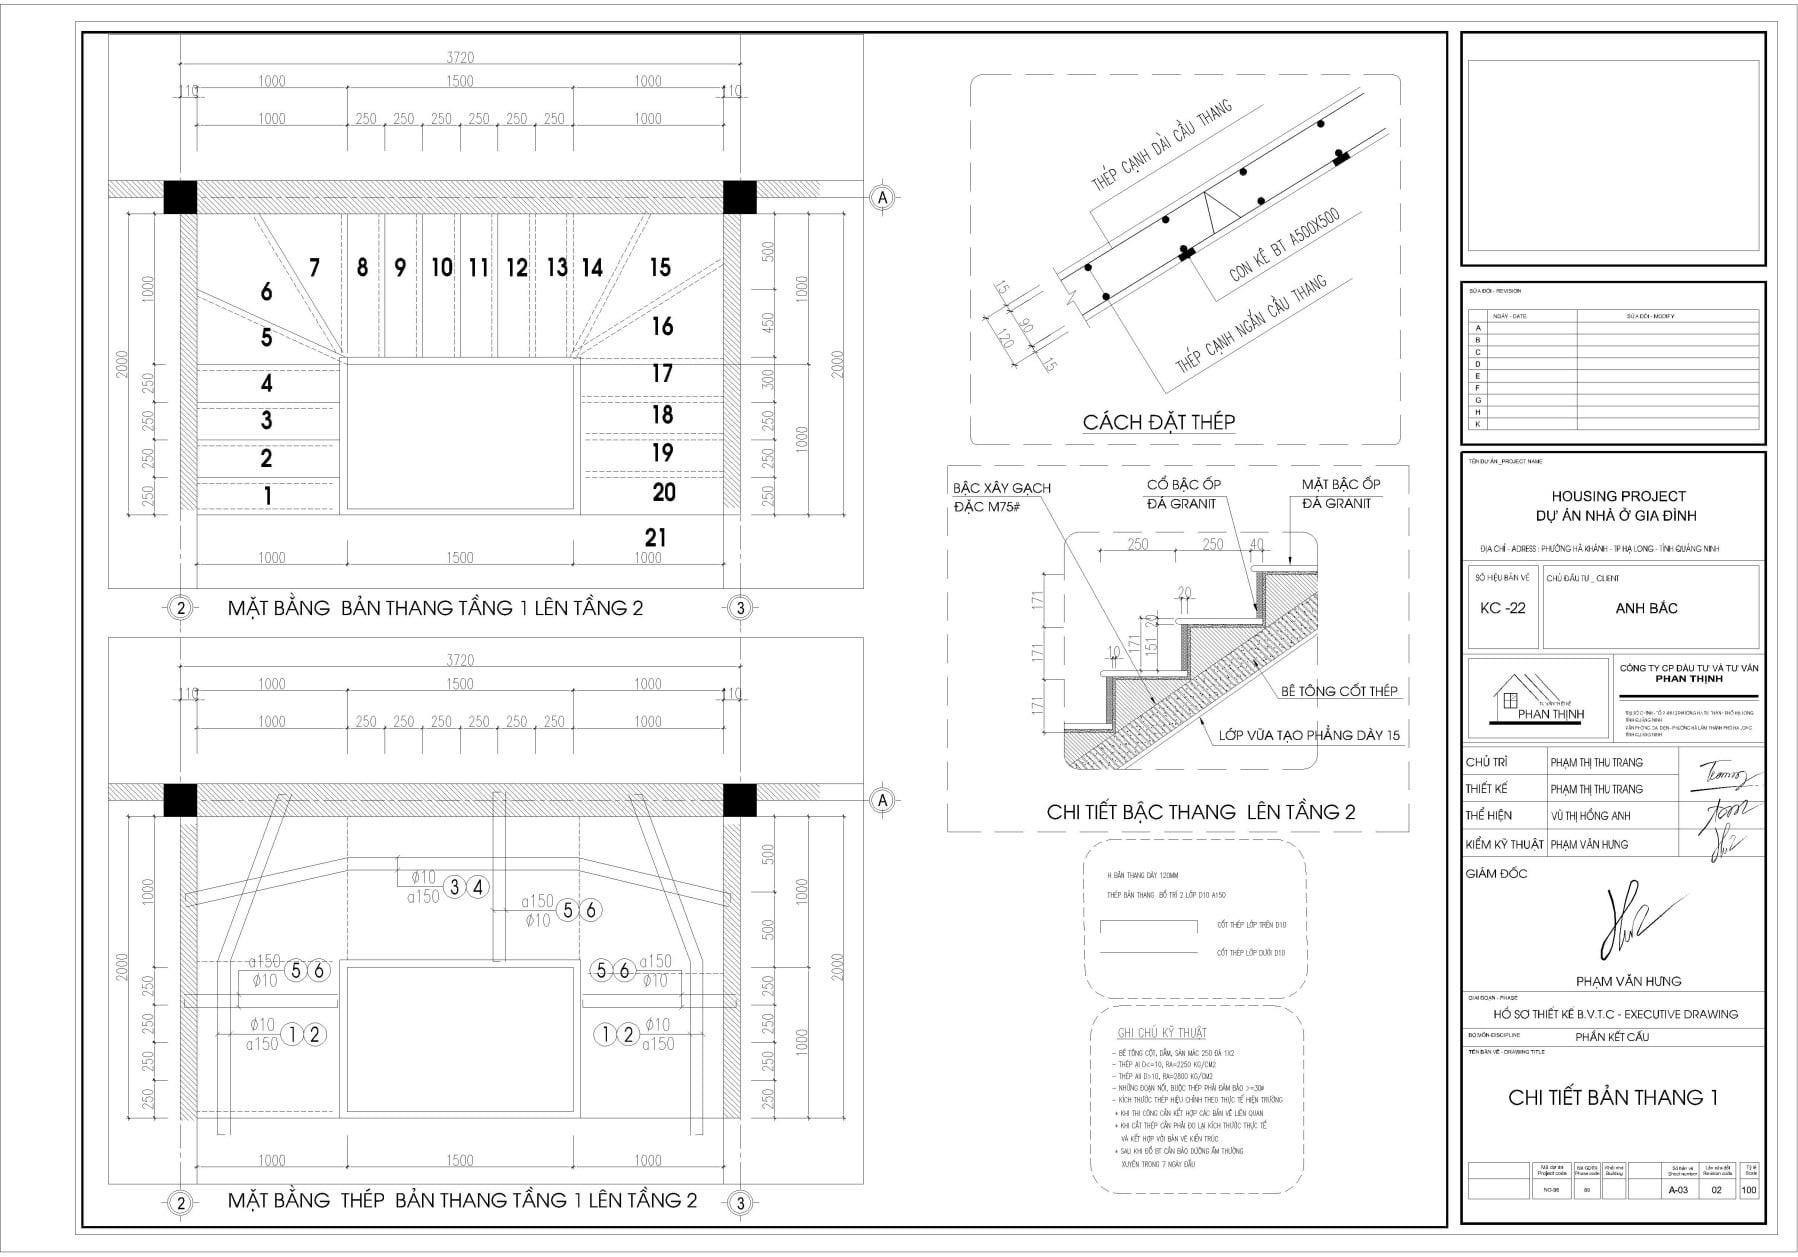 Bản vẽ chi tiết thiết kế cầu thang căn nhà ống tân cổ điển 4 tầng ở Quảng Ninh